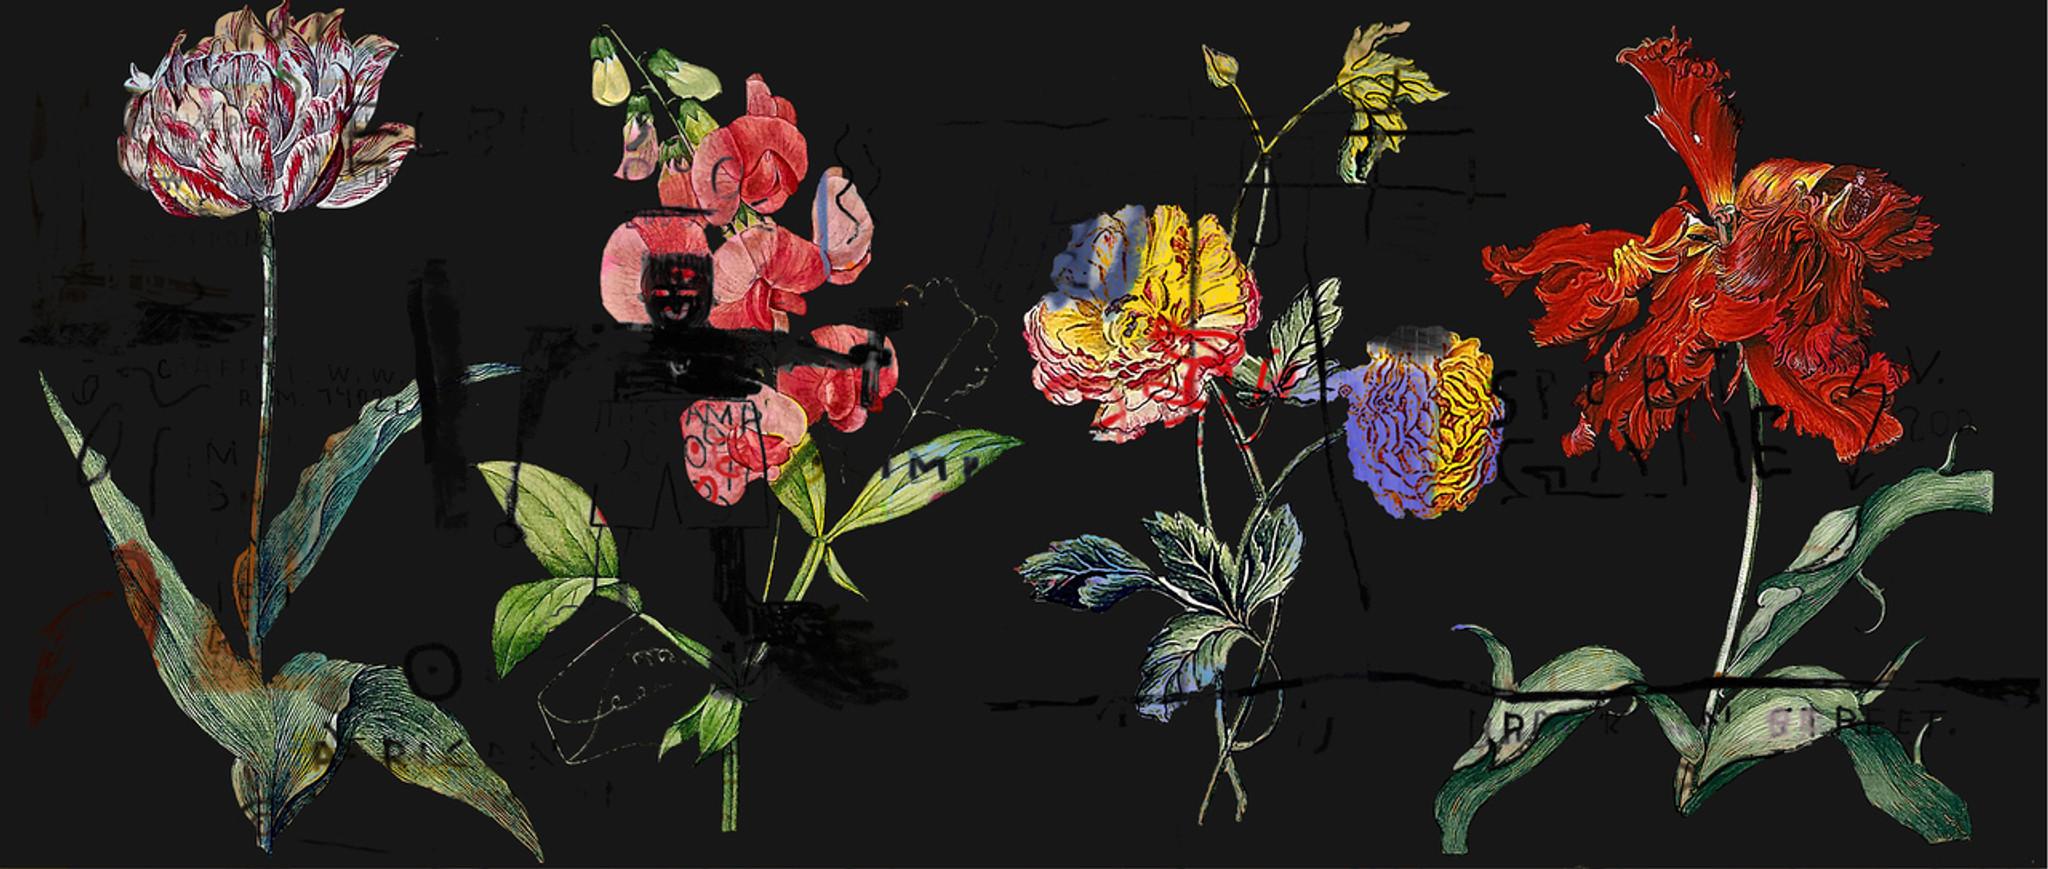 Wallpaper - Chiaroscuro on Steroids - In Living Colour